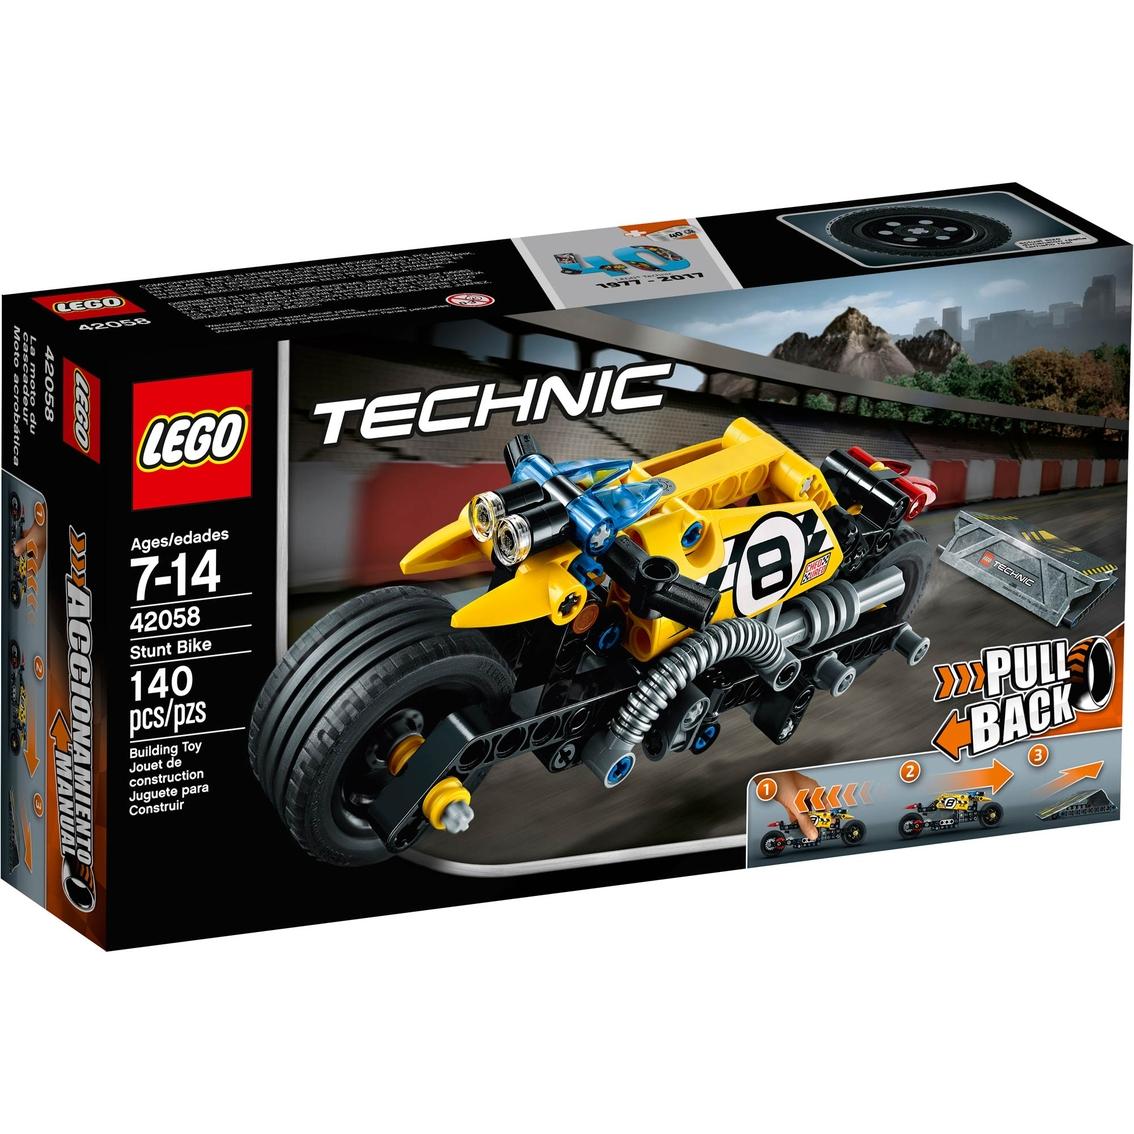 Lego Technic Stunt Bike Lego Technic Baby Toys Shop The Exchange